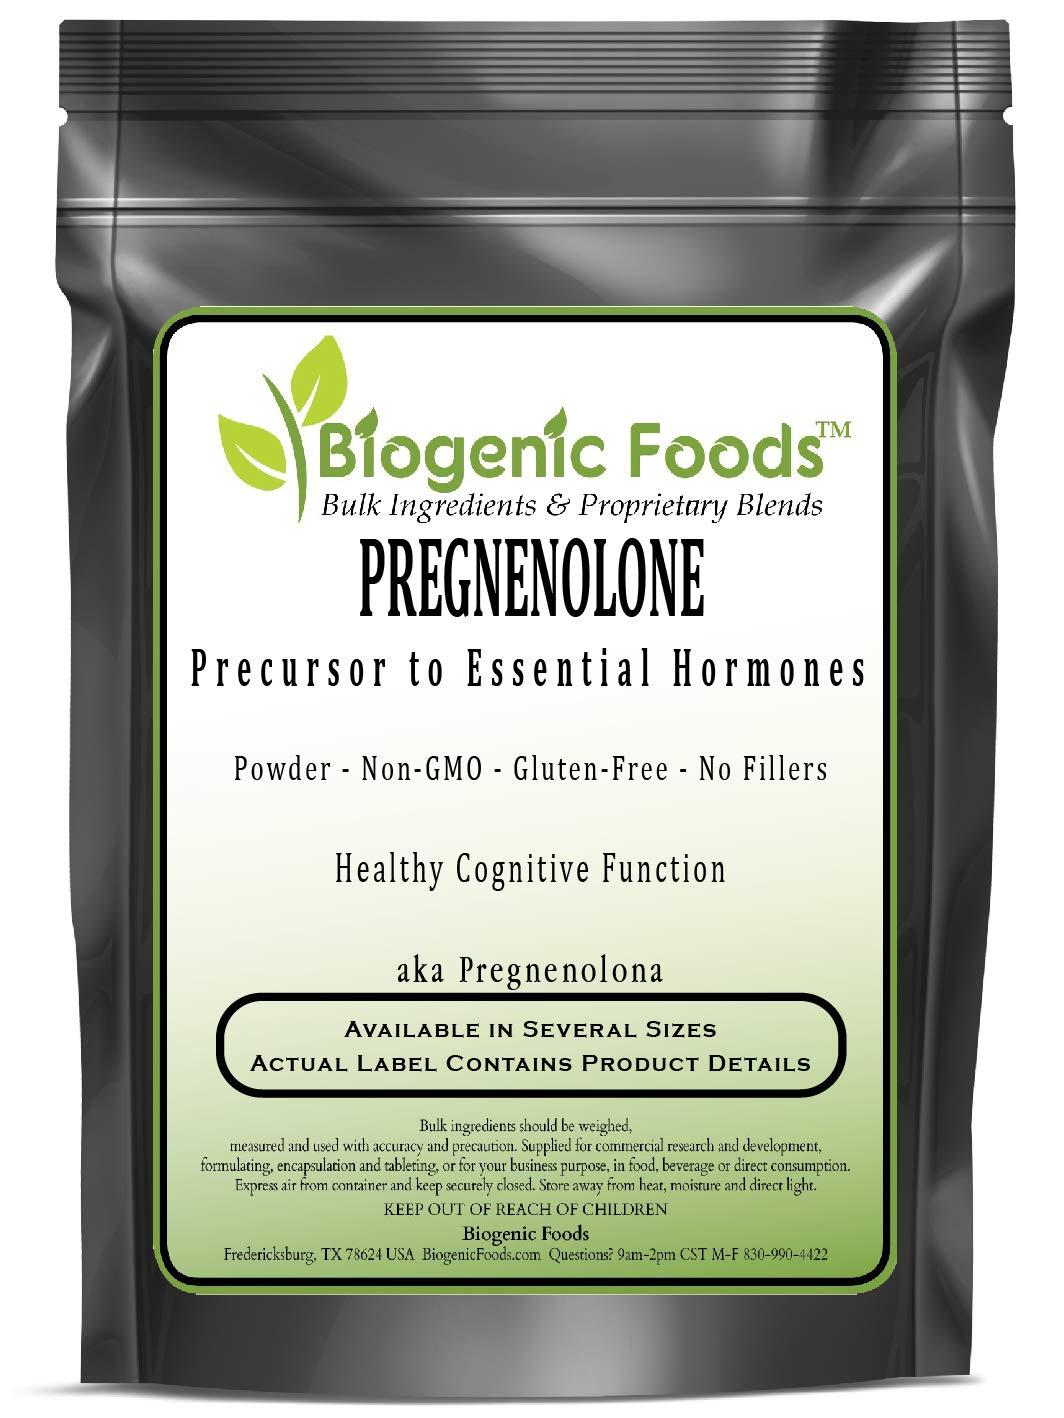 Pregnenolone - Powdered Precursor Support to Essential Hormones (aka Pregnenolona), 2 kg